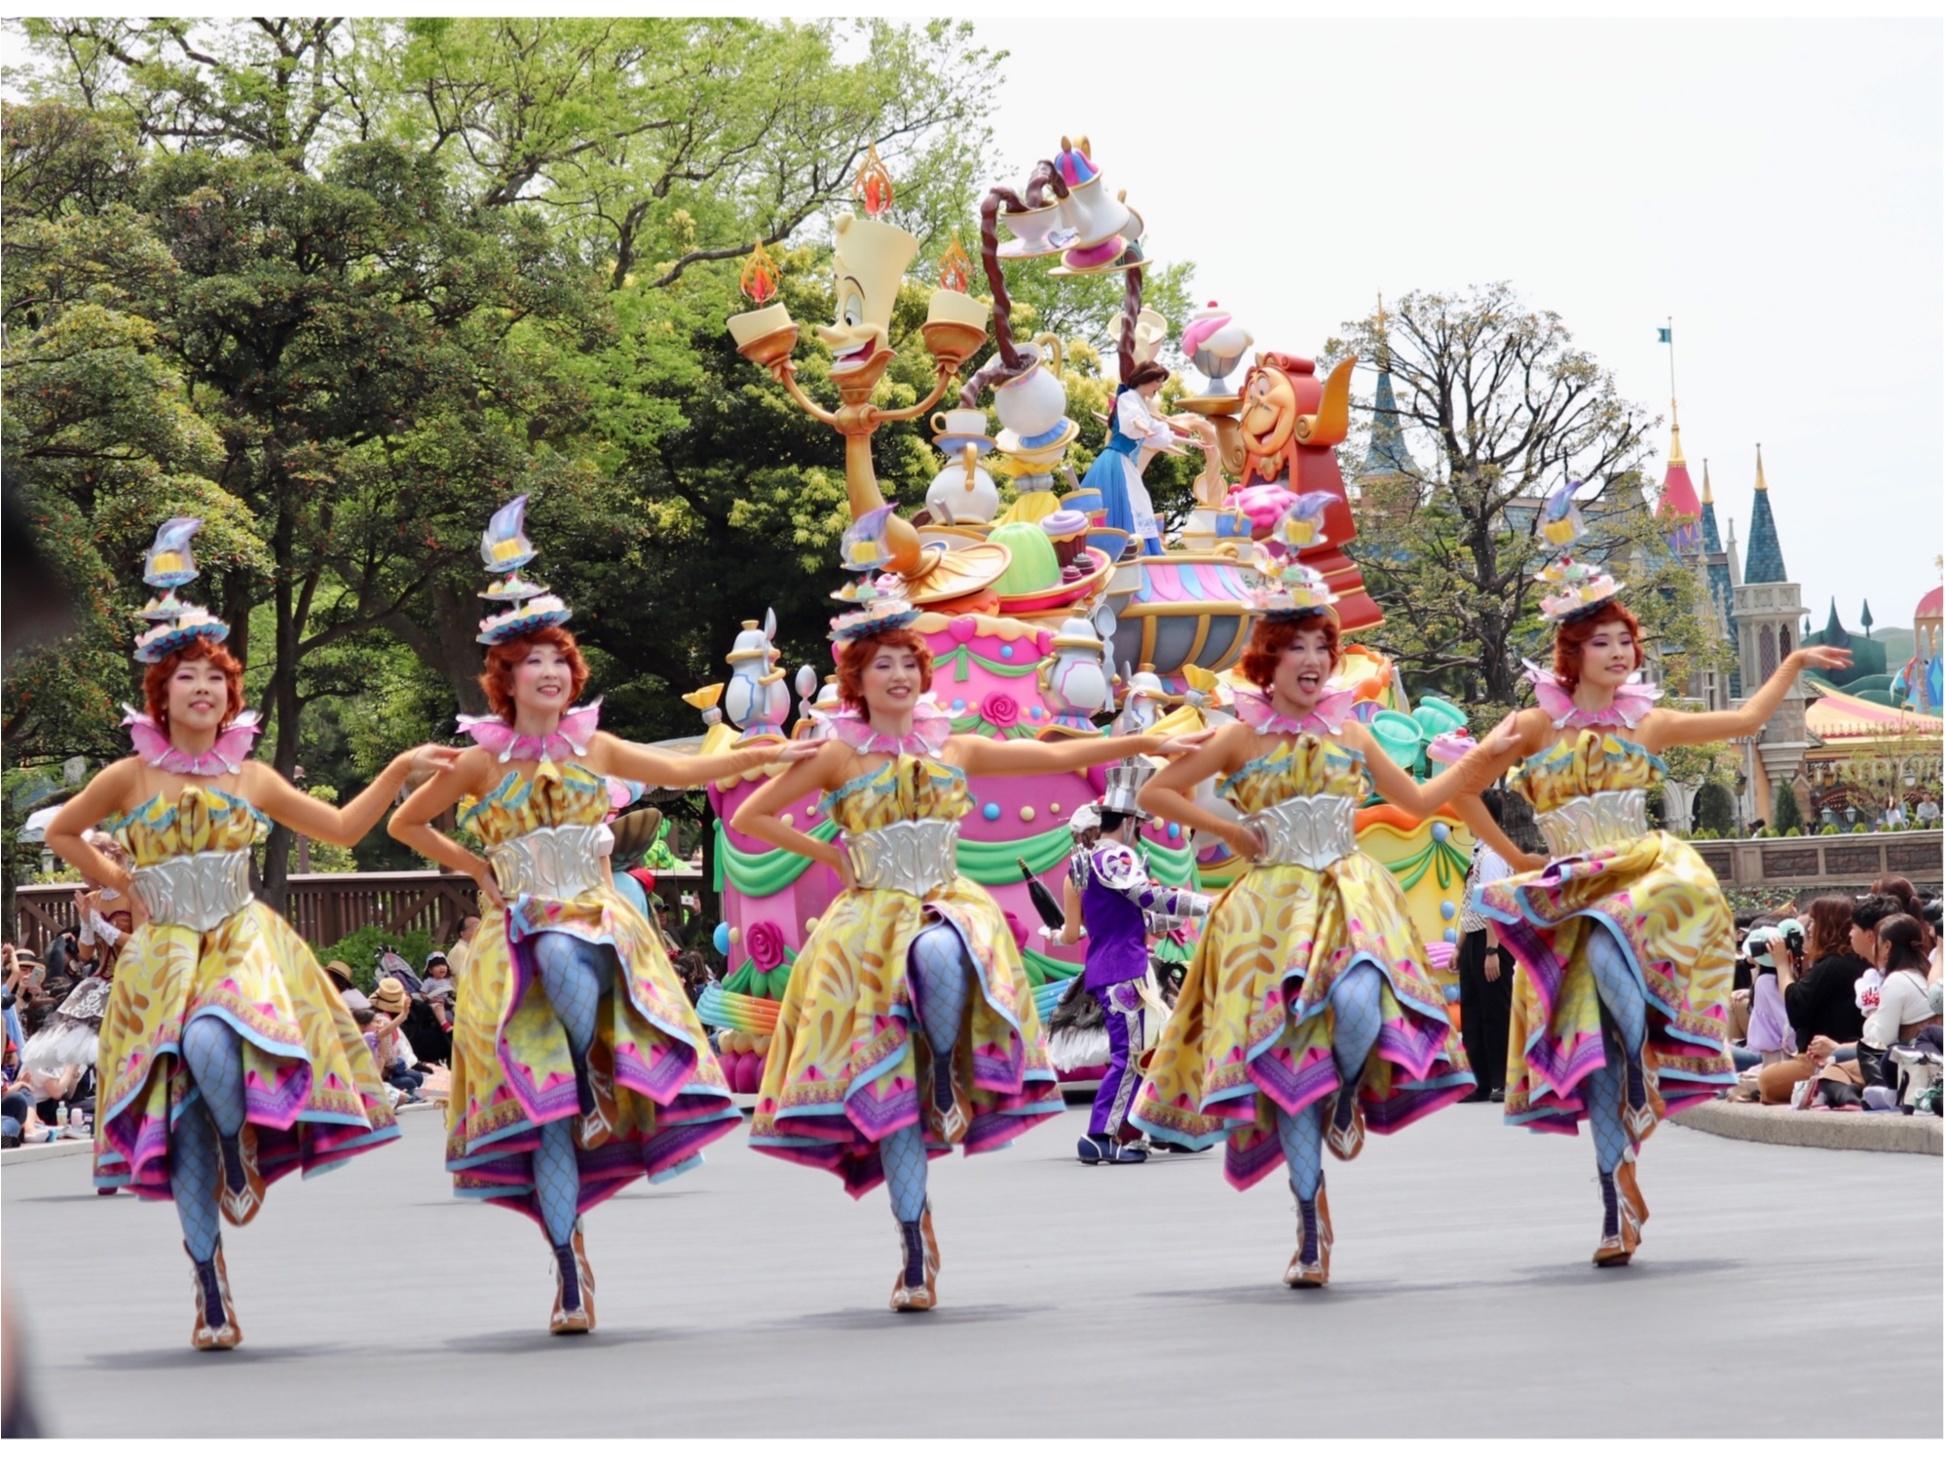 ▷【東京ディズニーランド35周年】Newパレード「ドリーミング・アップ!」がとにかく凄い!!_16